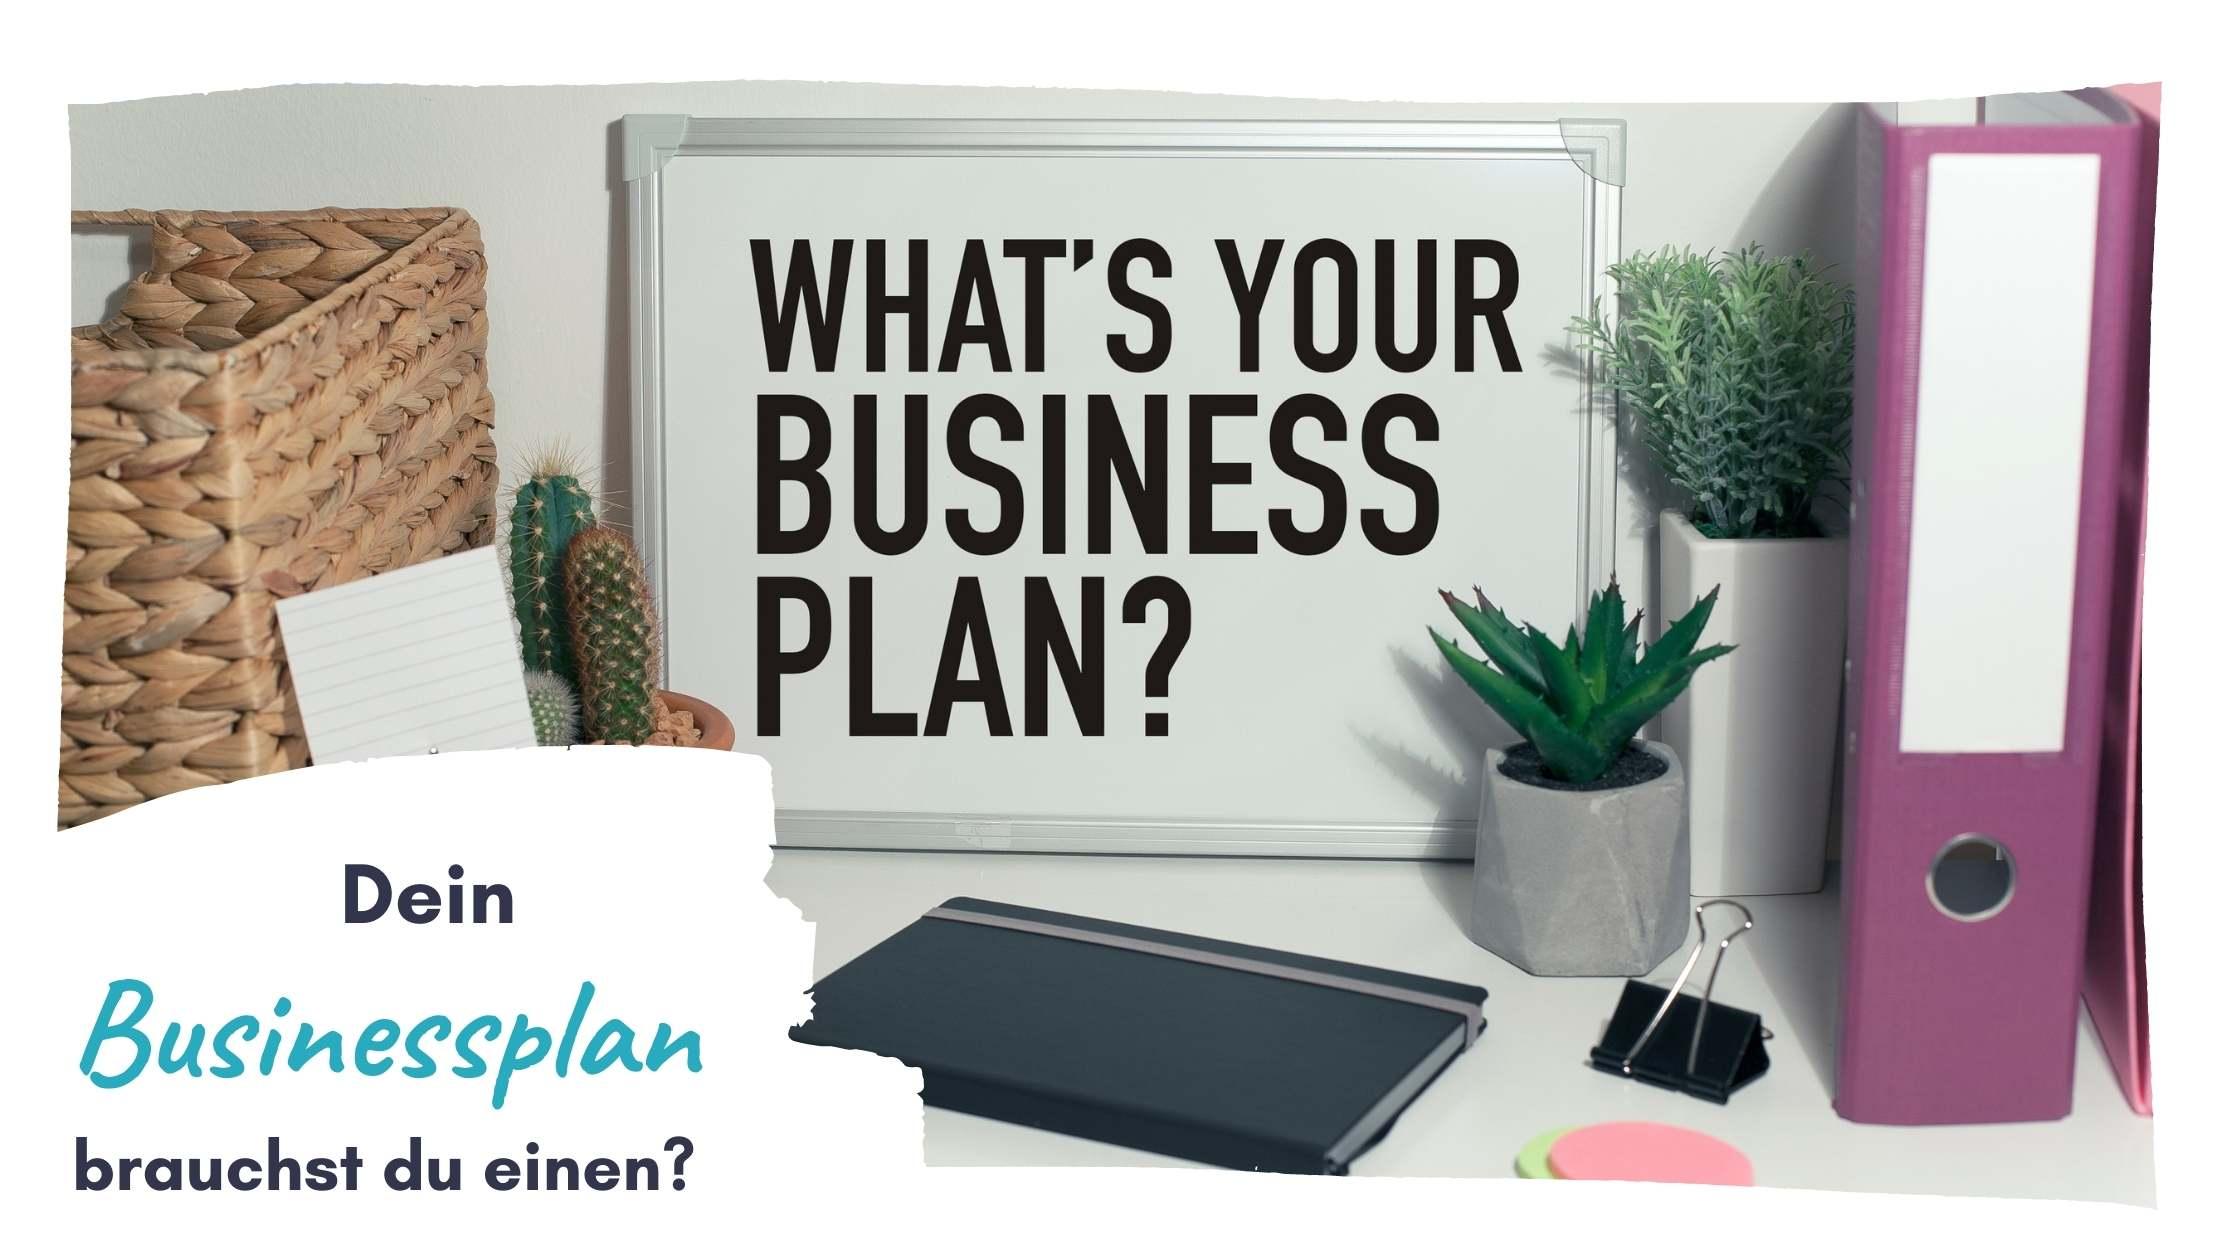 Dein Businessplan brauchst du einen